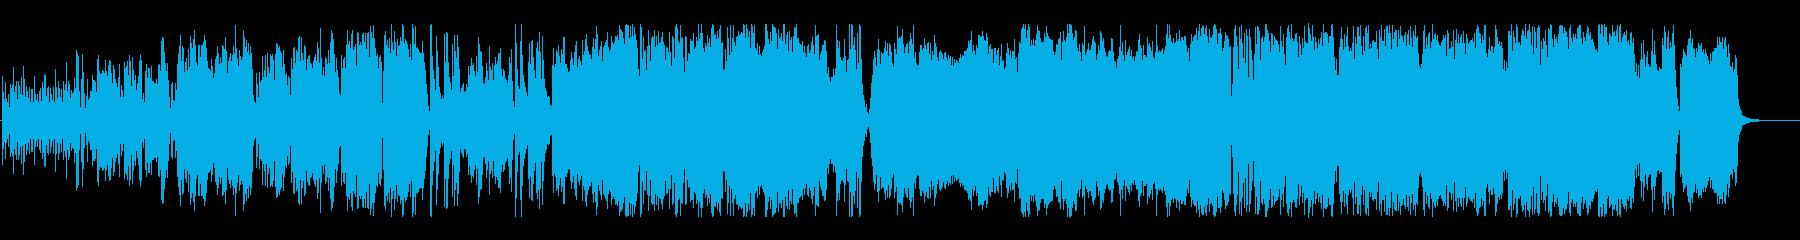 ストリングスが特徴的な街の曲の再生済みの波形